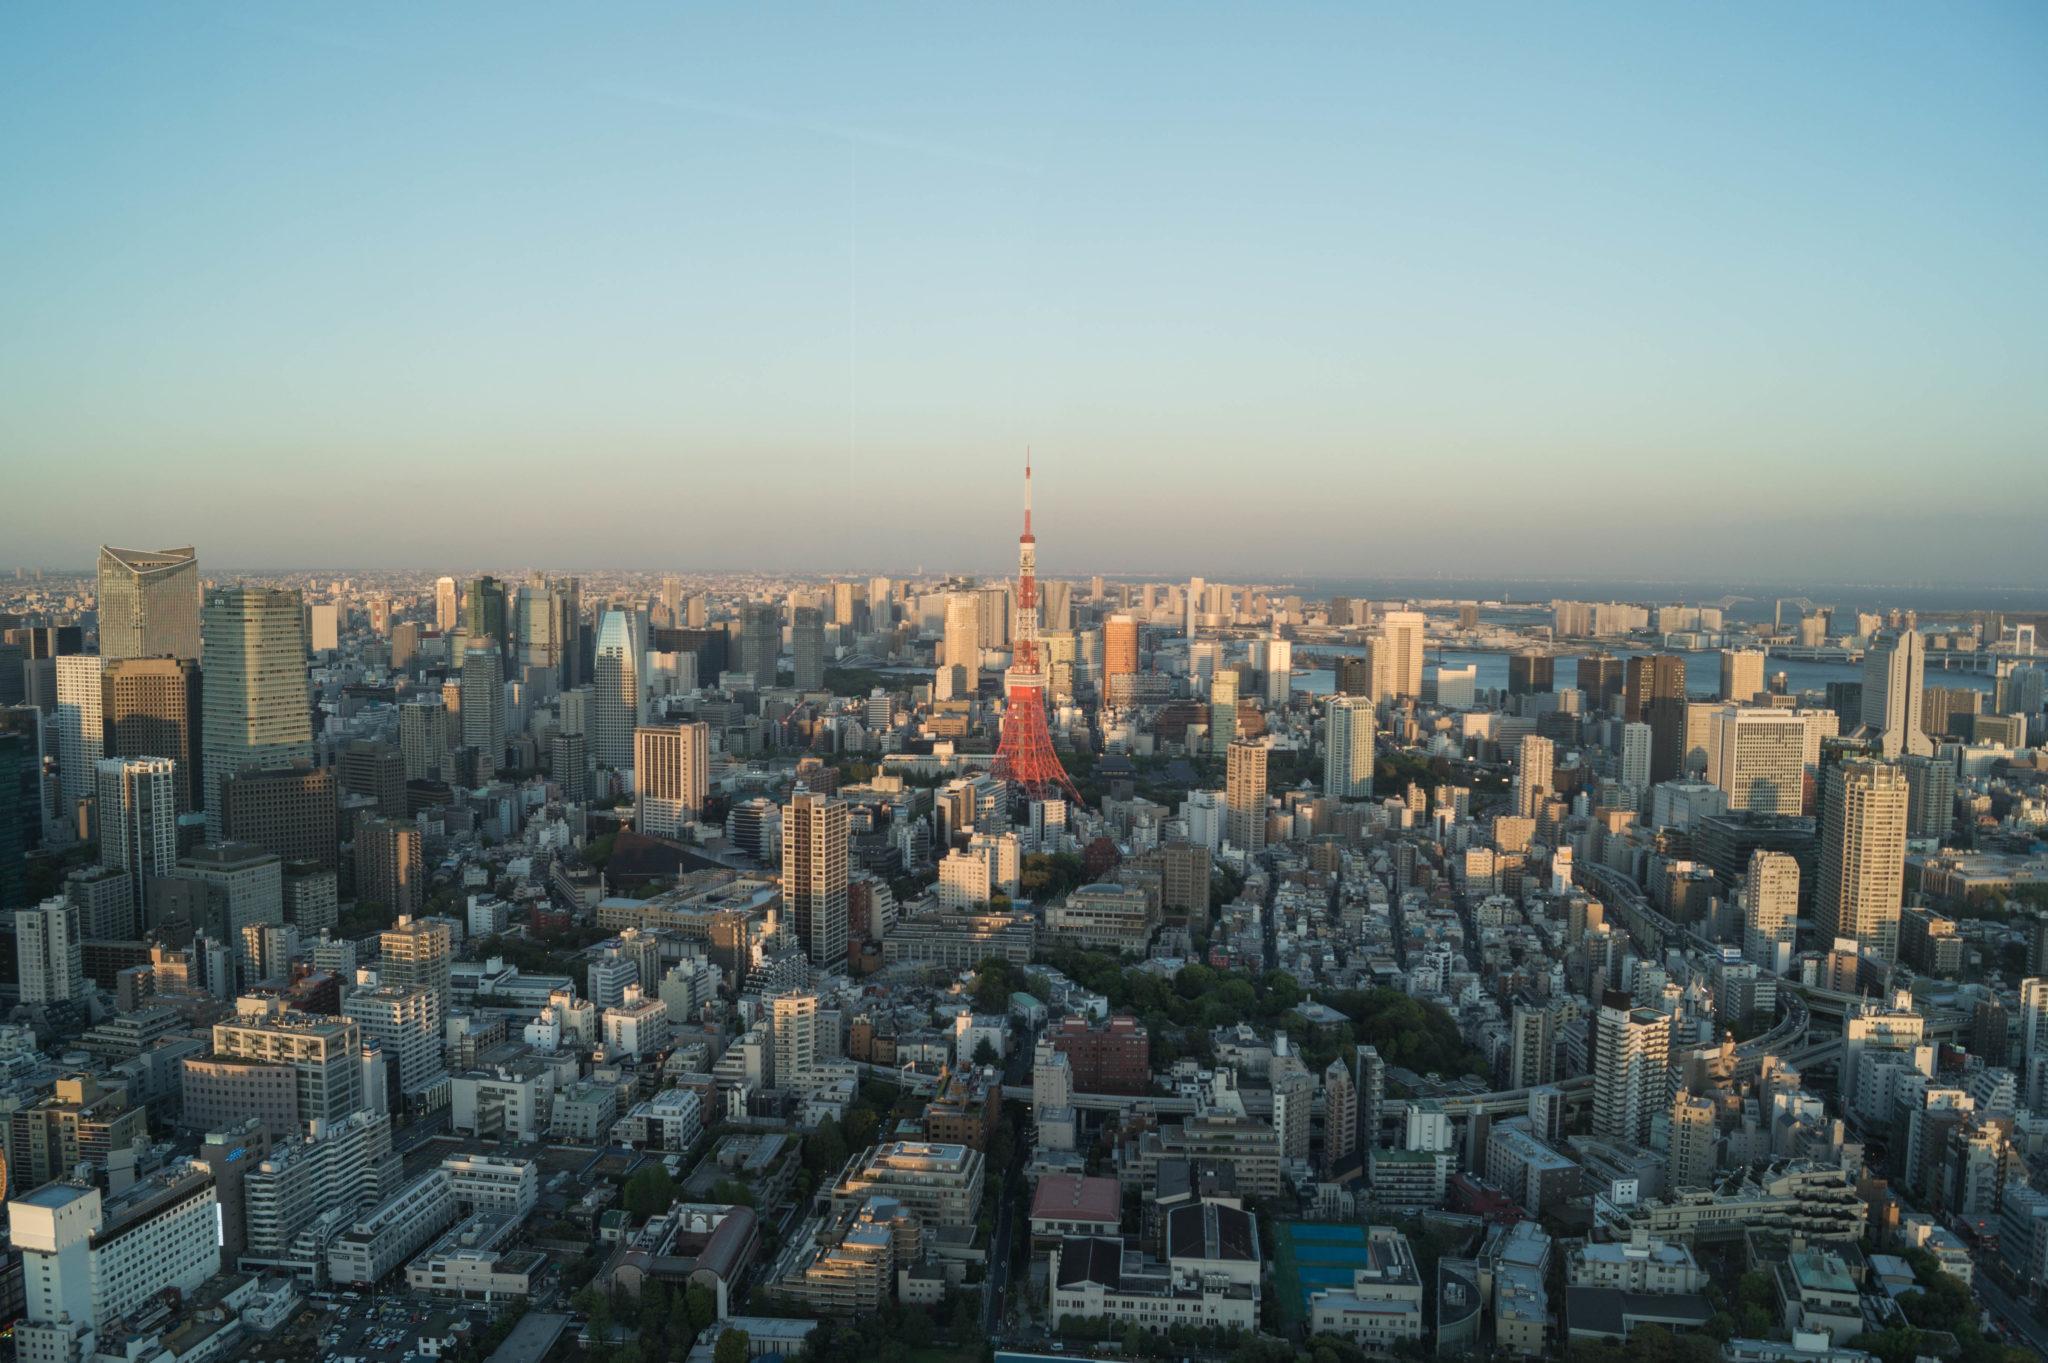 Eine gute Aussicht auf Tokio gibt's vom Tokyo Metropolitan Government Building.